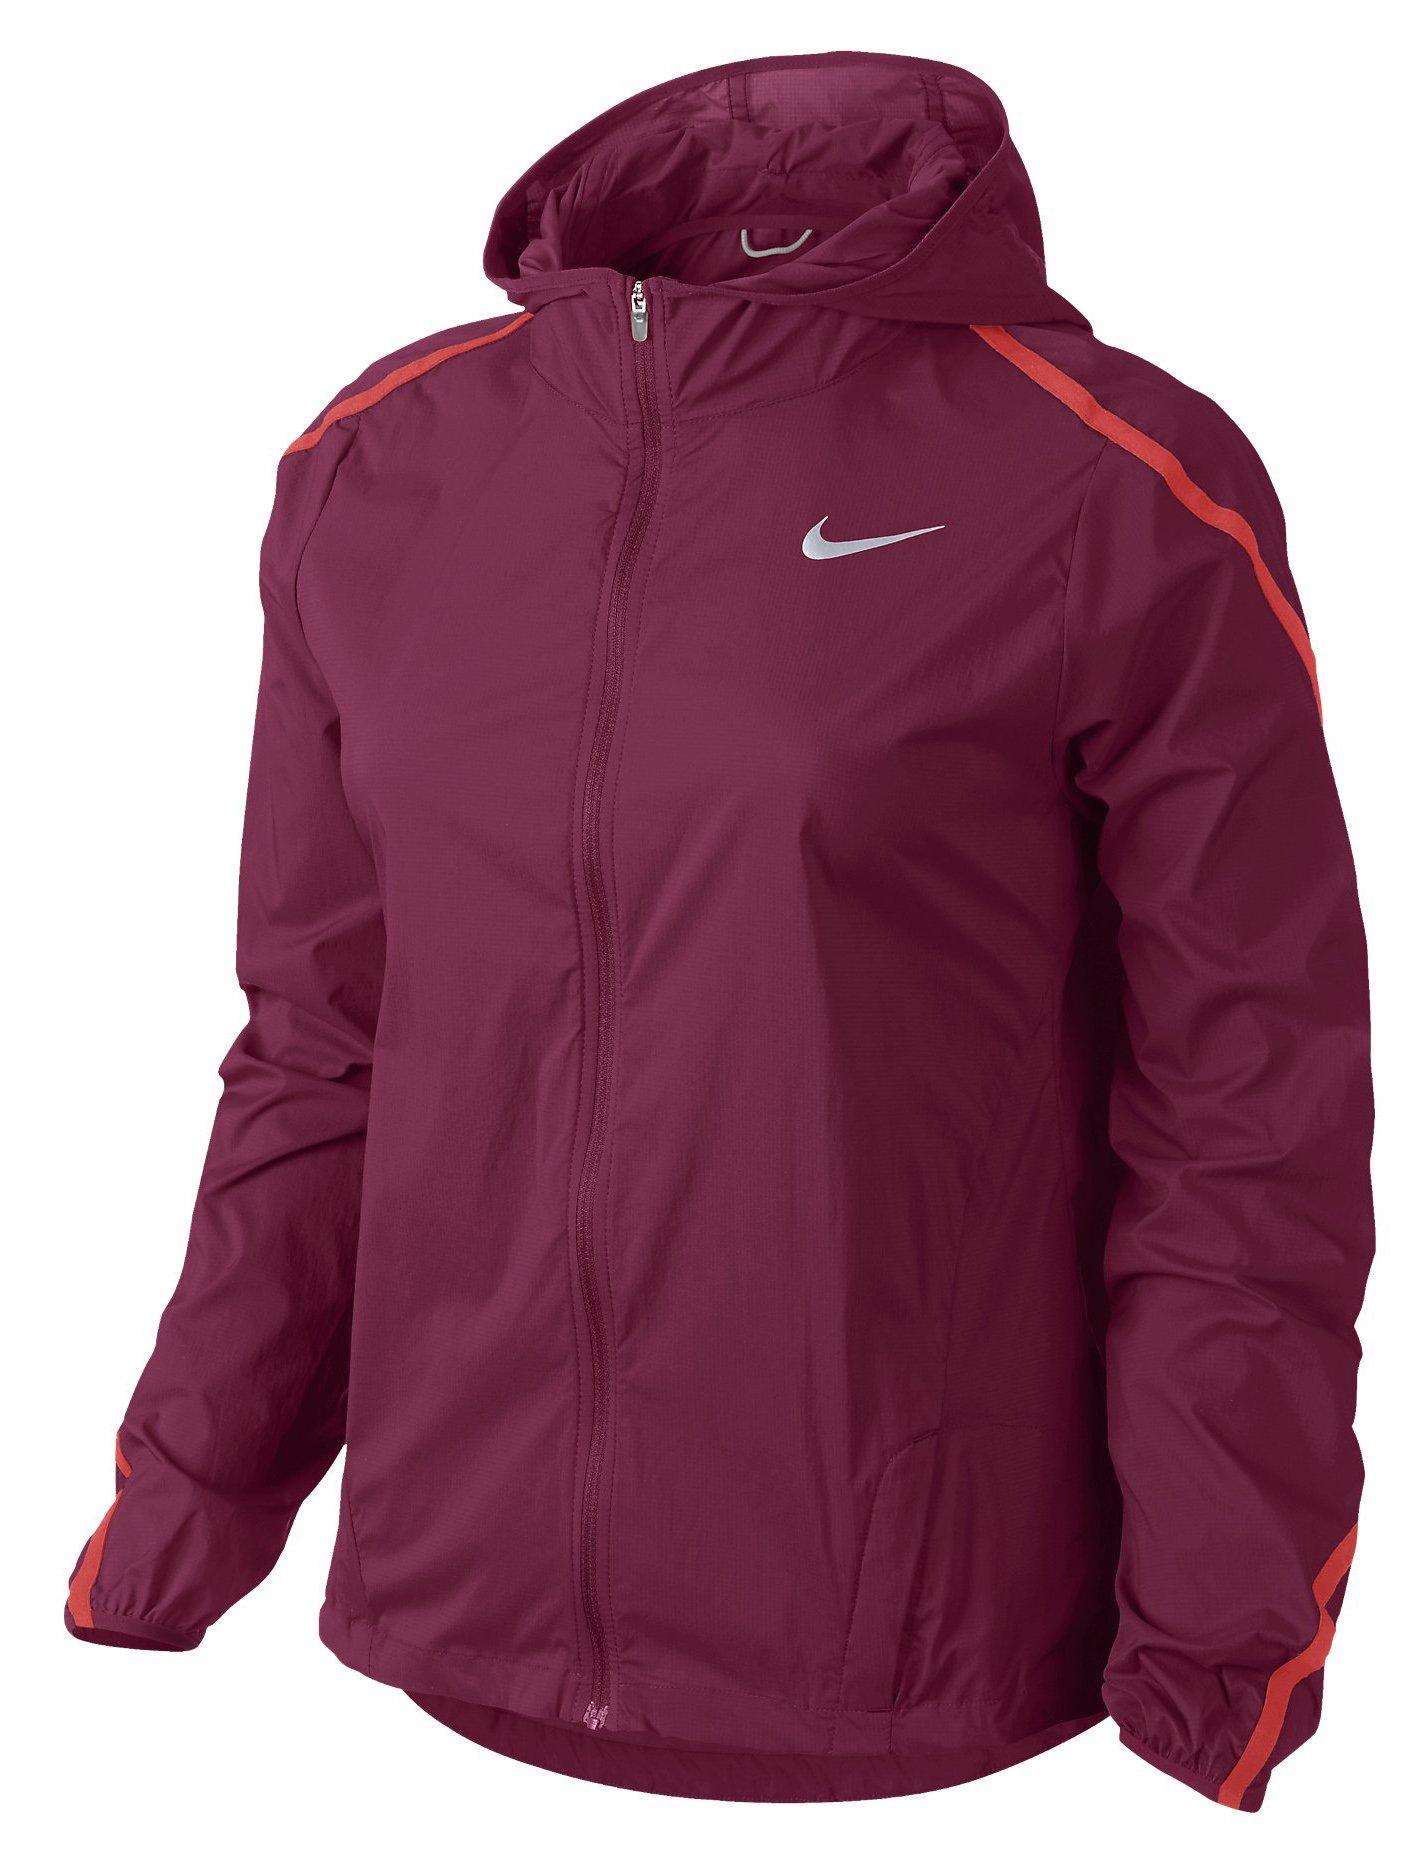 Běžecká bunda s kapucí Nike Impossibly Light